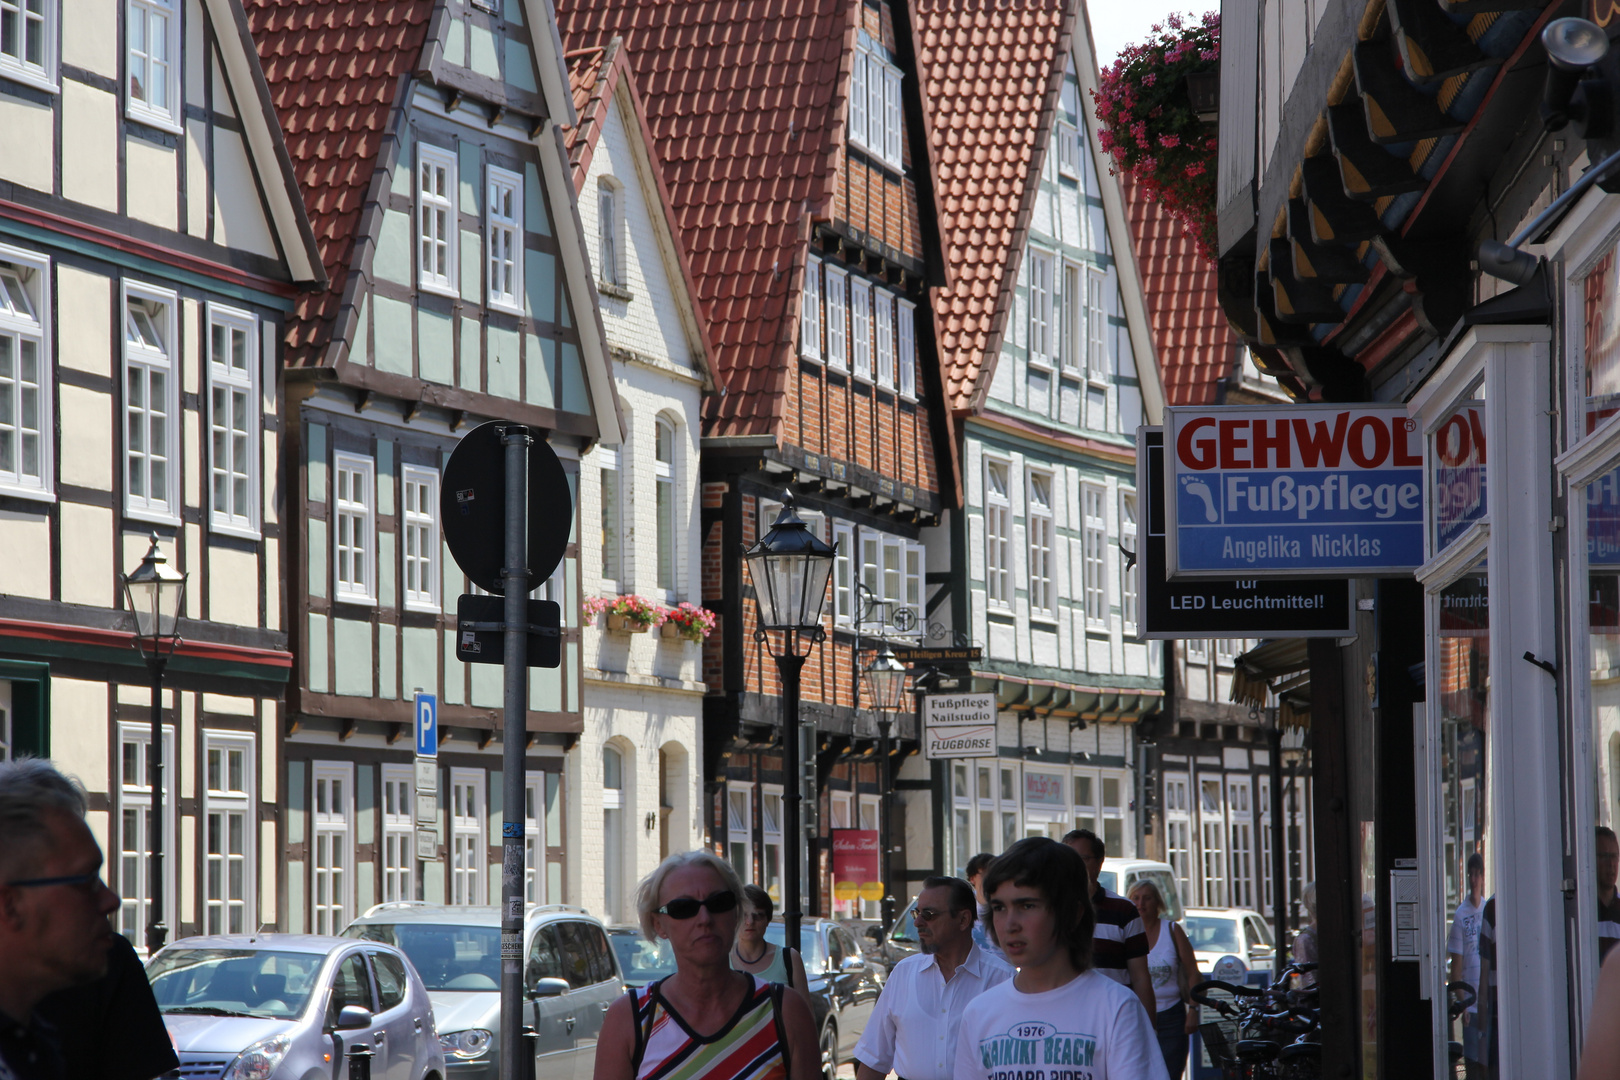 Fachwerk in Celle nur ein anderes Haus